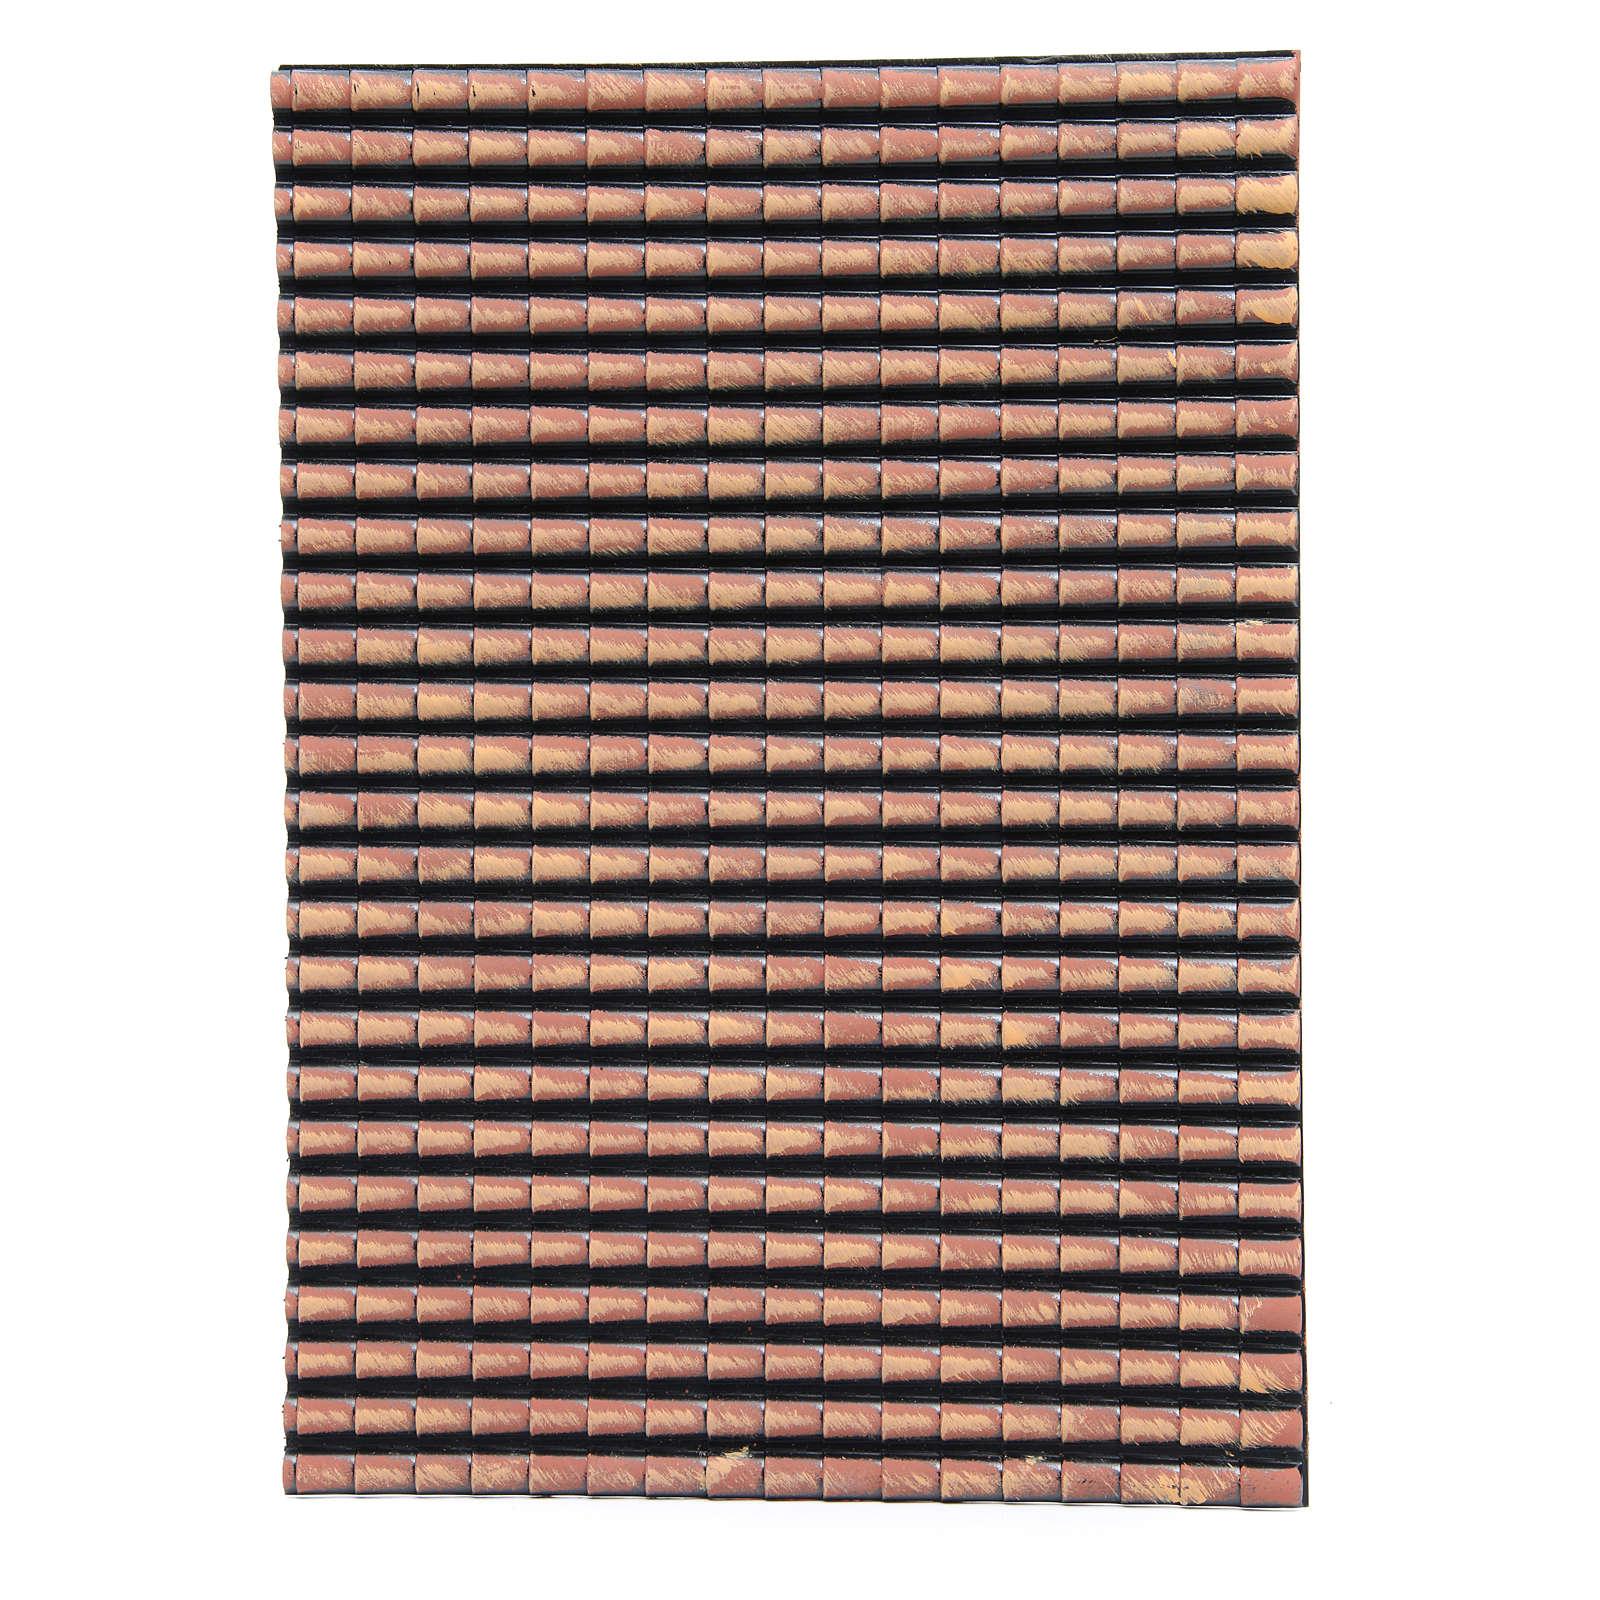 Techo belén plástico panel tejas rojas degradadas 50x35 cm 4